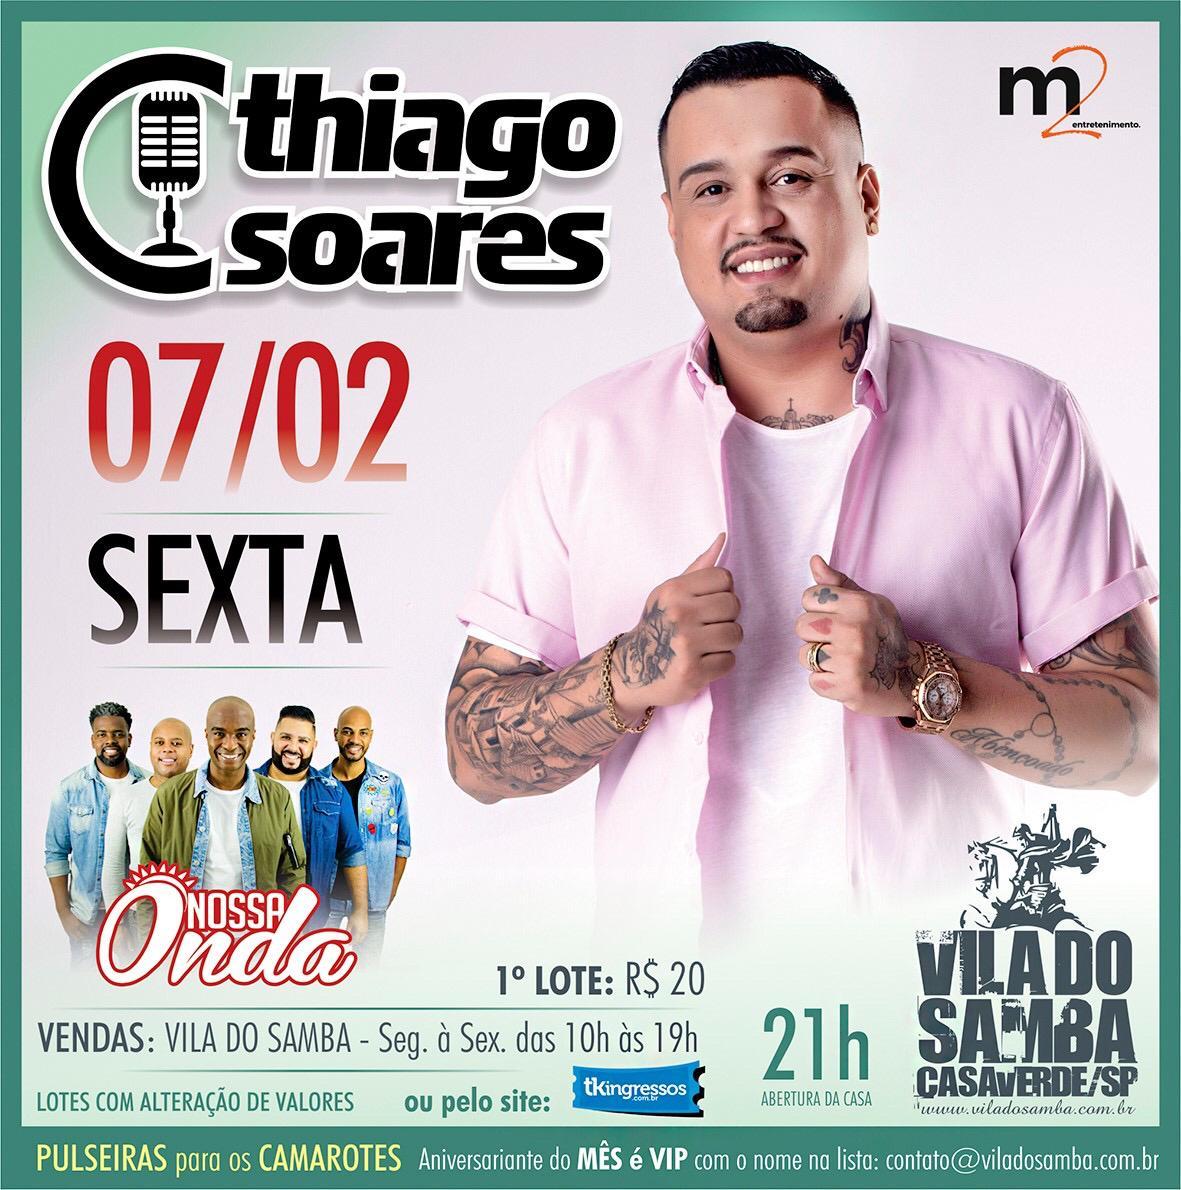 Thiago Soares - Vila do Samba - 07/02/20 - São Paulo - SP